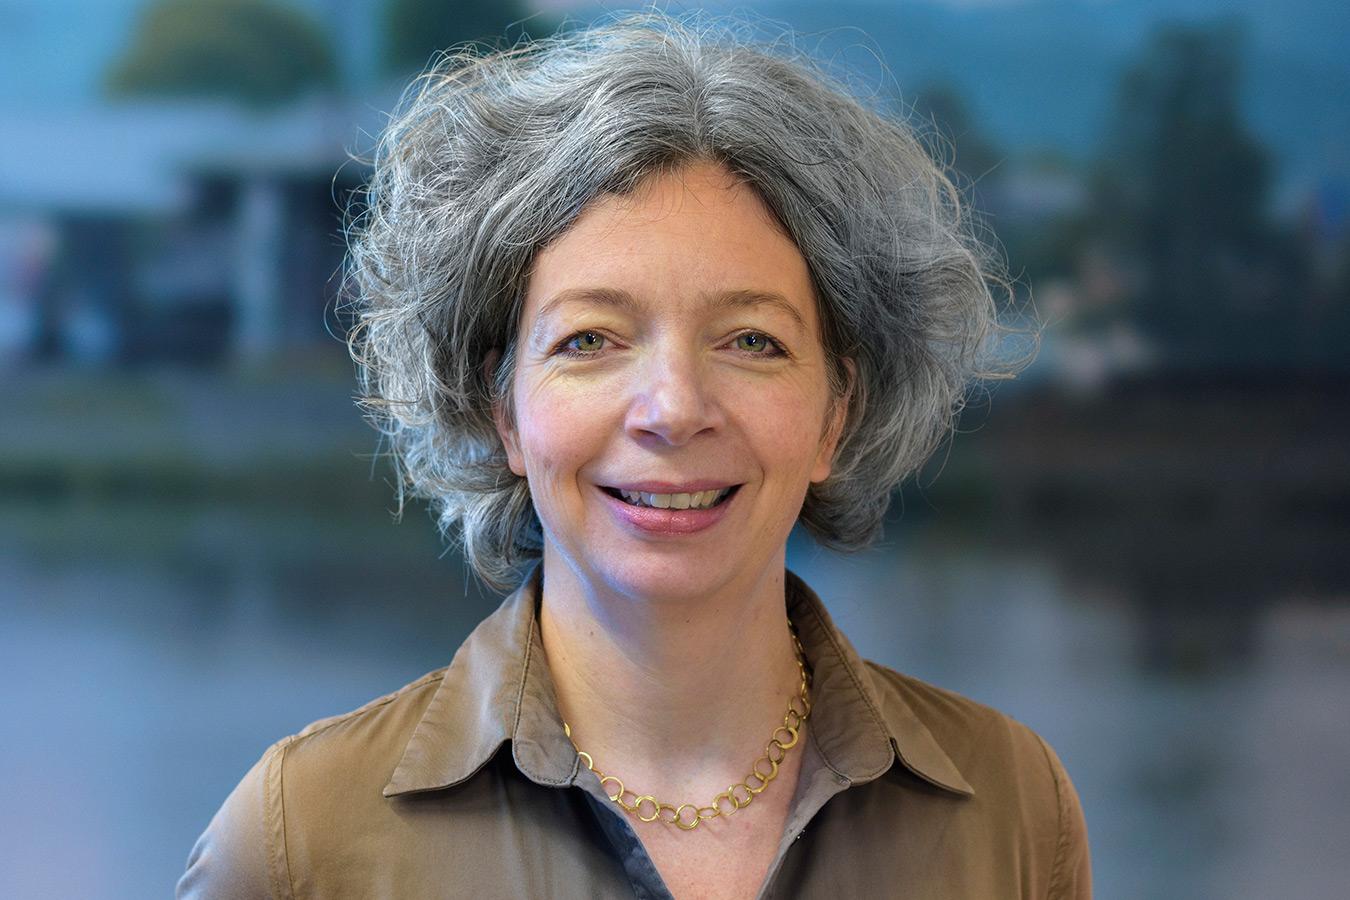 Annemarie Sipkes è la nuova direttrice designata del BEREC per il 2022